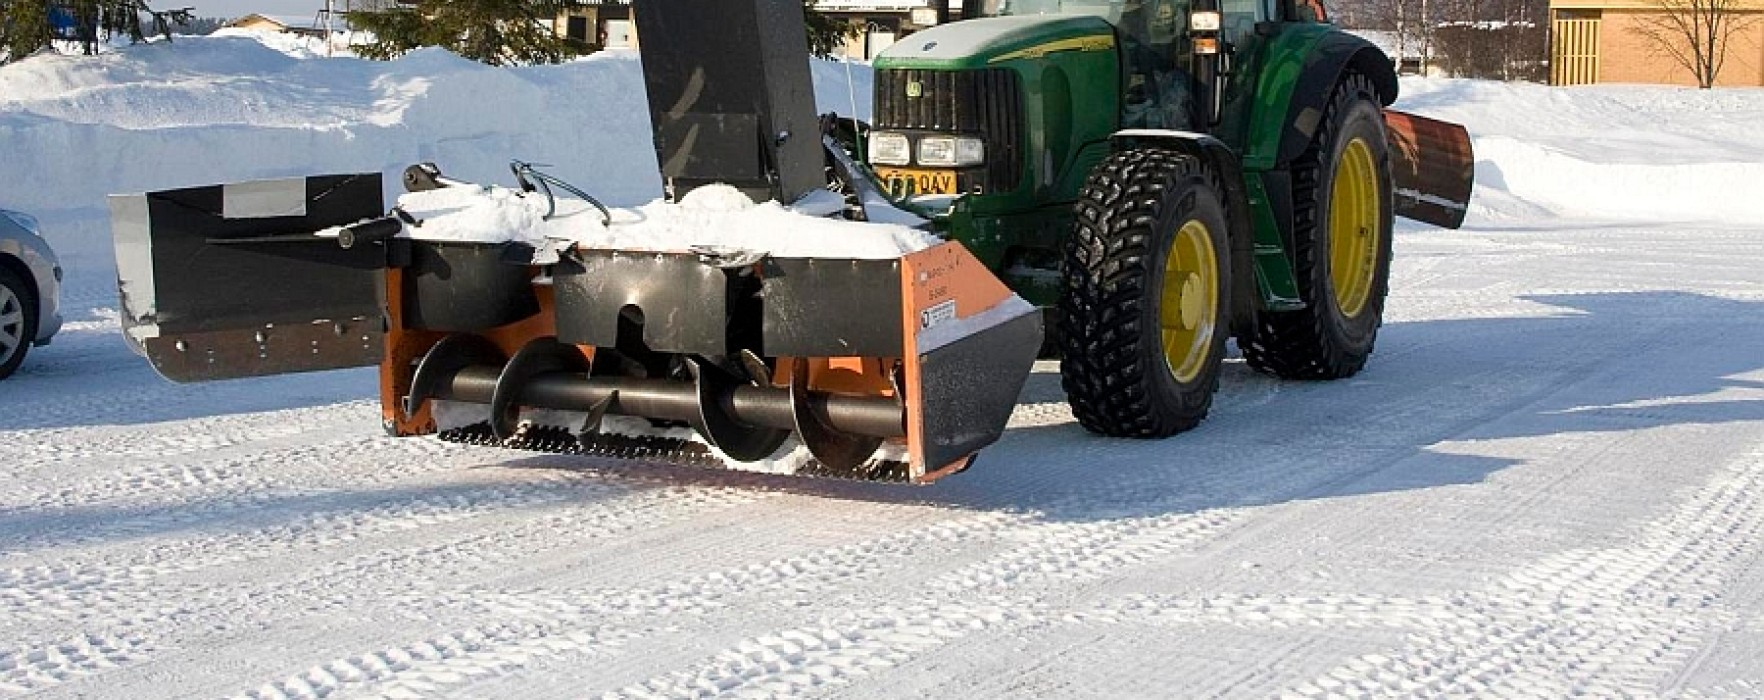 Freză de deszăpezire performantă construită de militarii din Garnizoana Târgovişte